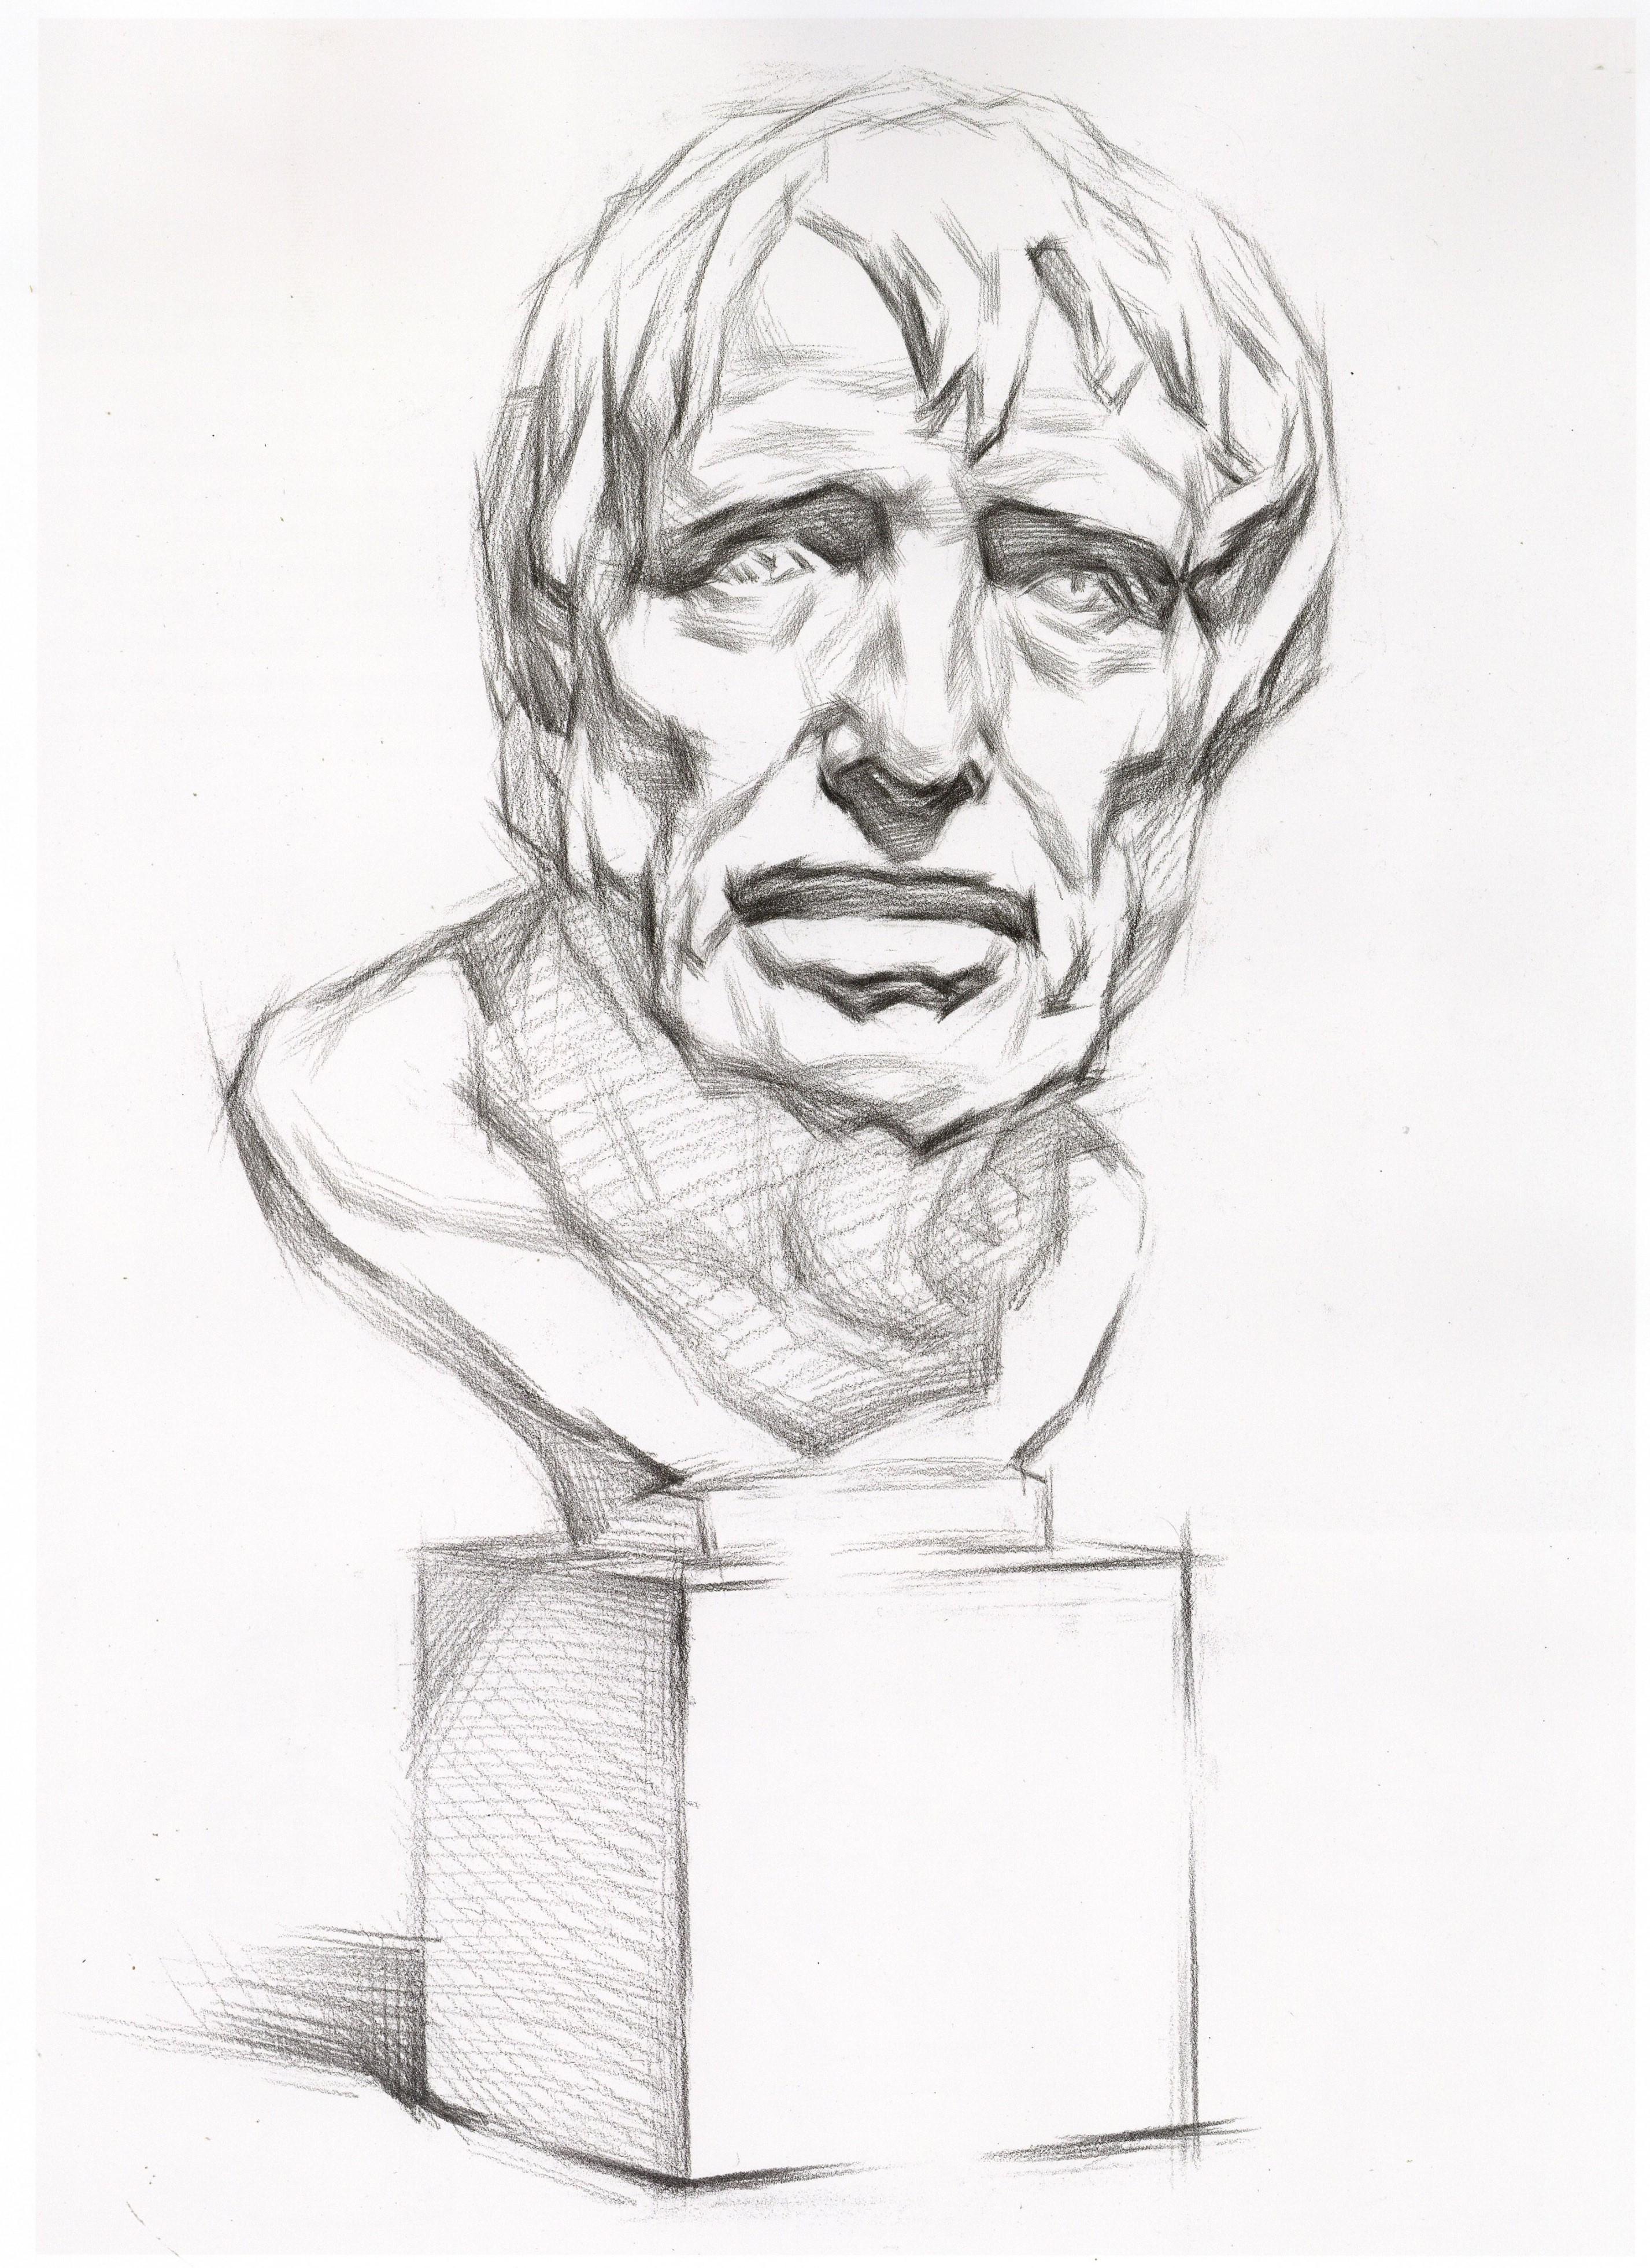 【干货】美术生必须要掌握的石膏像——海盗